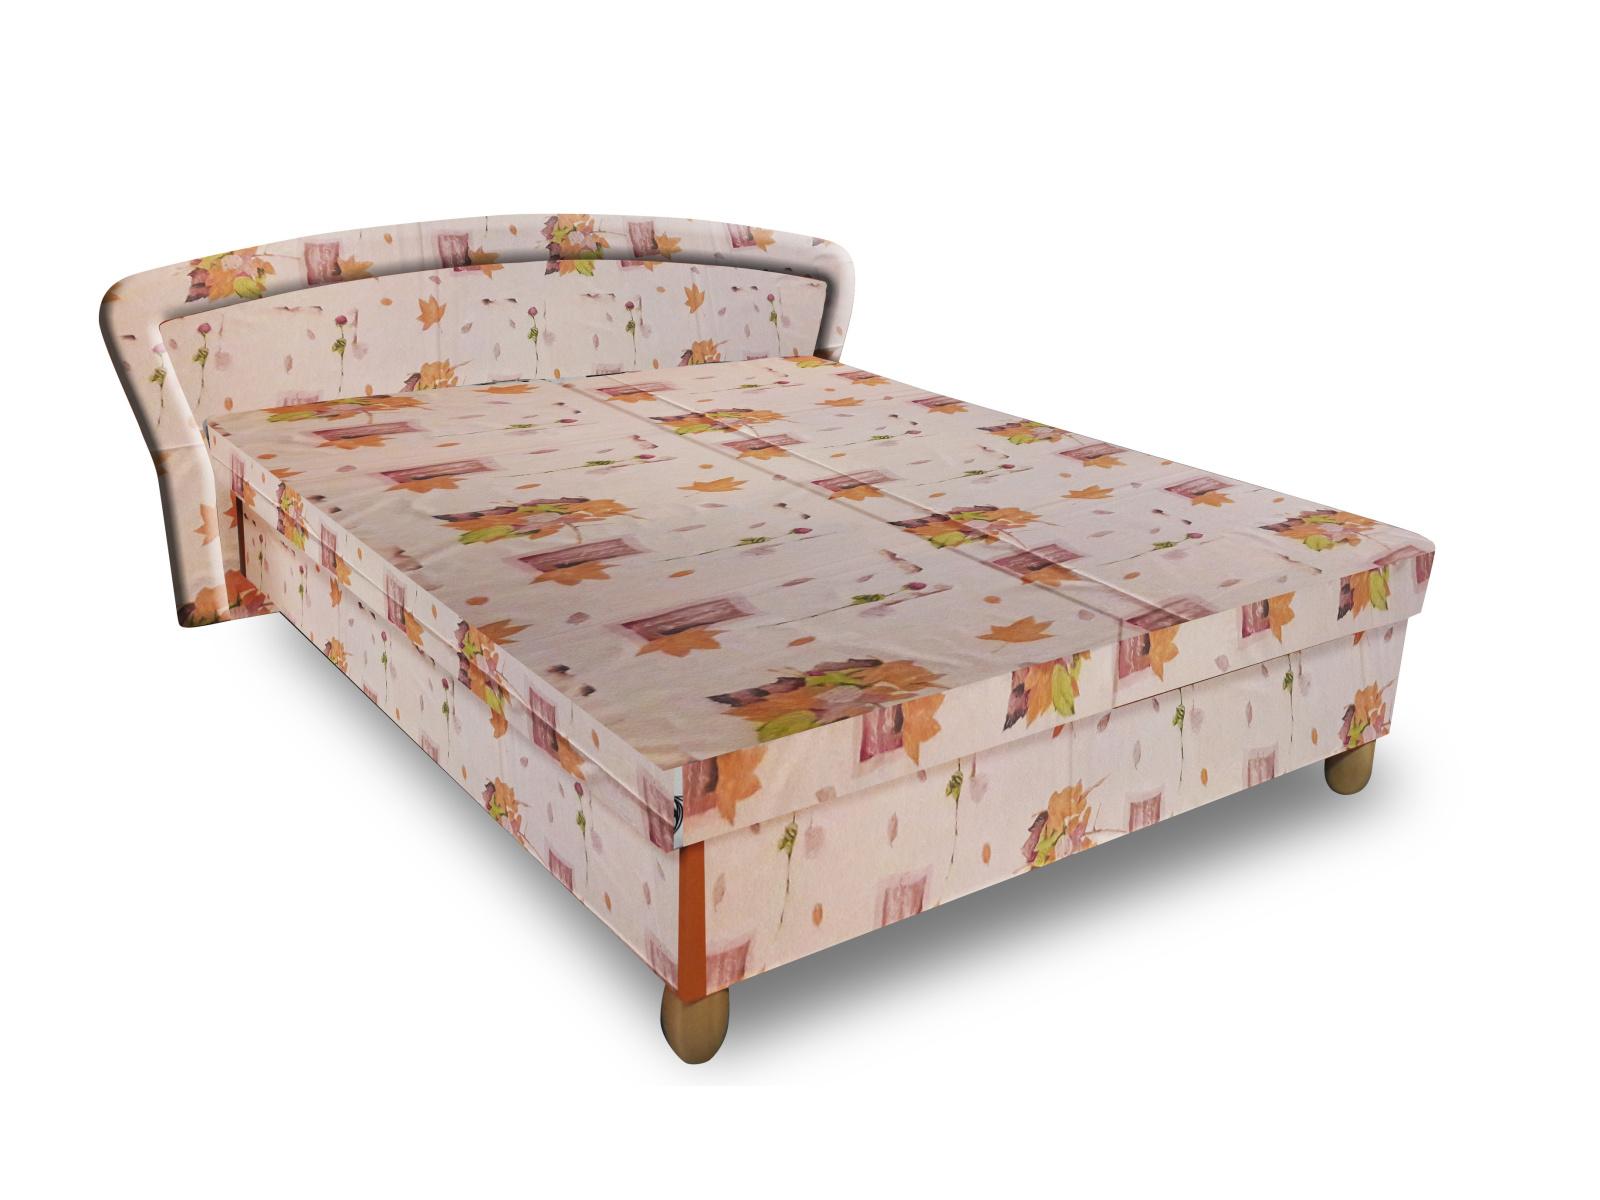 Smartshop Čalouněná postel PAVLA 120x200 cm, béžová látka